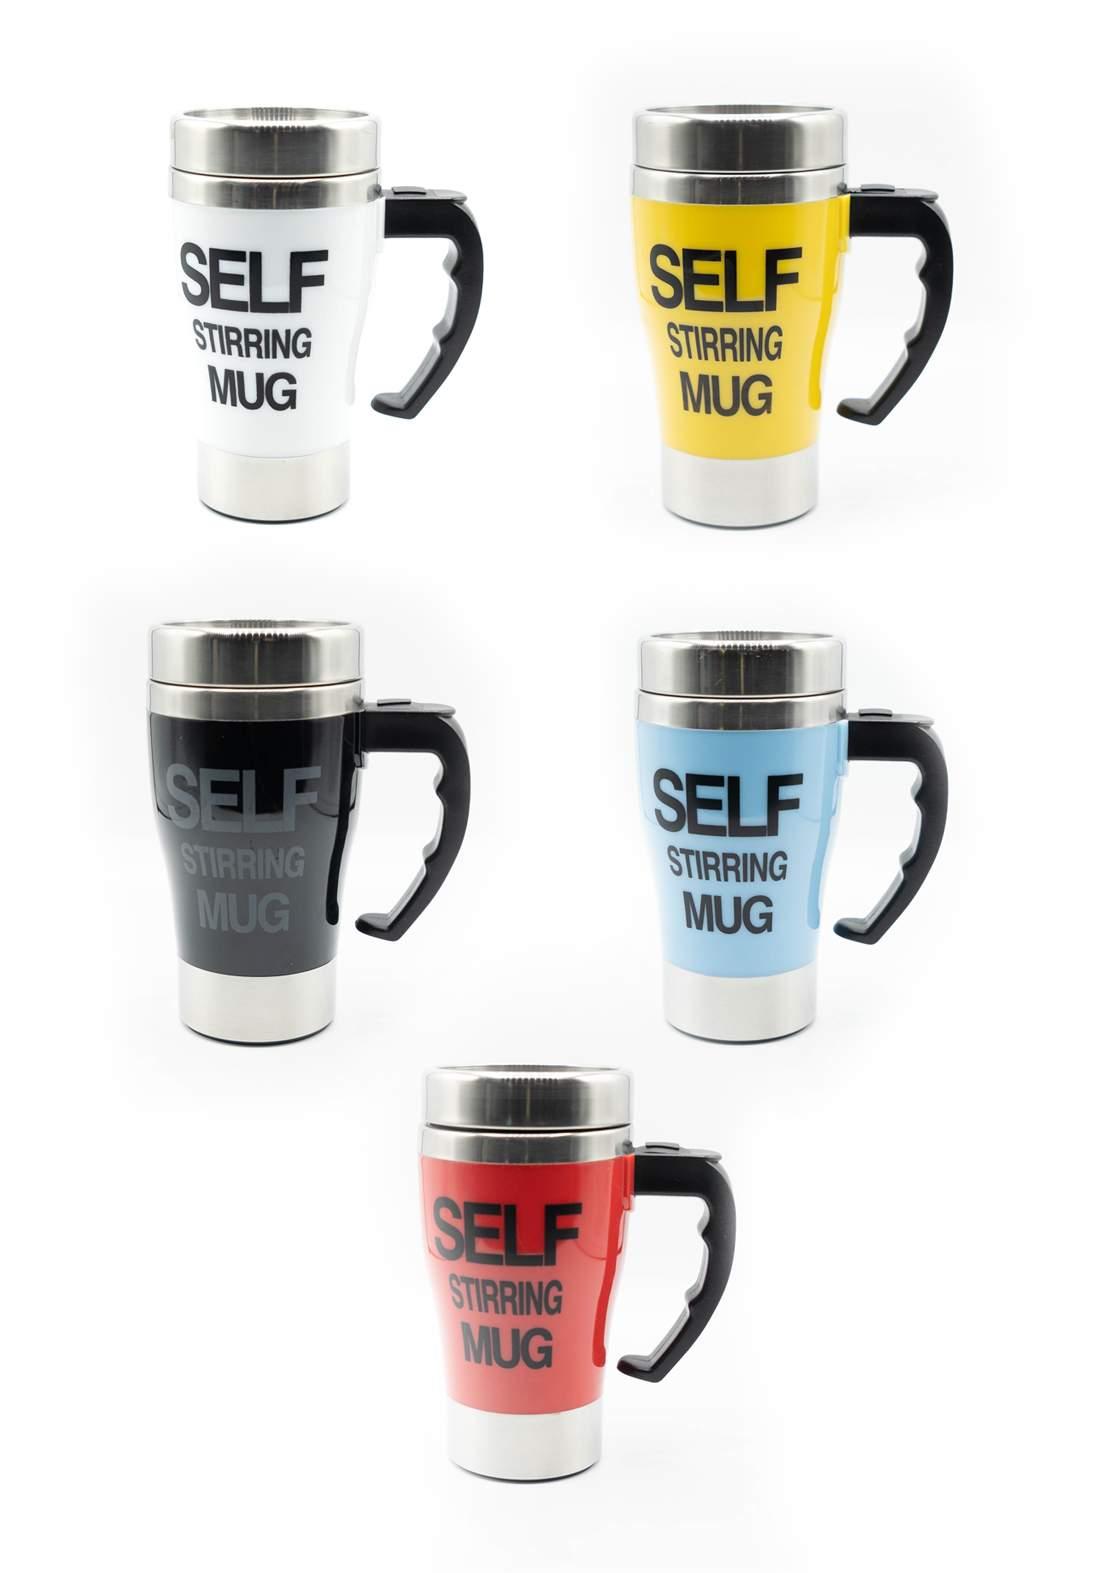 كوب للقهوة ذاتي المزج محمول وحافظ للحرارة متعدد الالوان